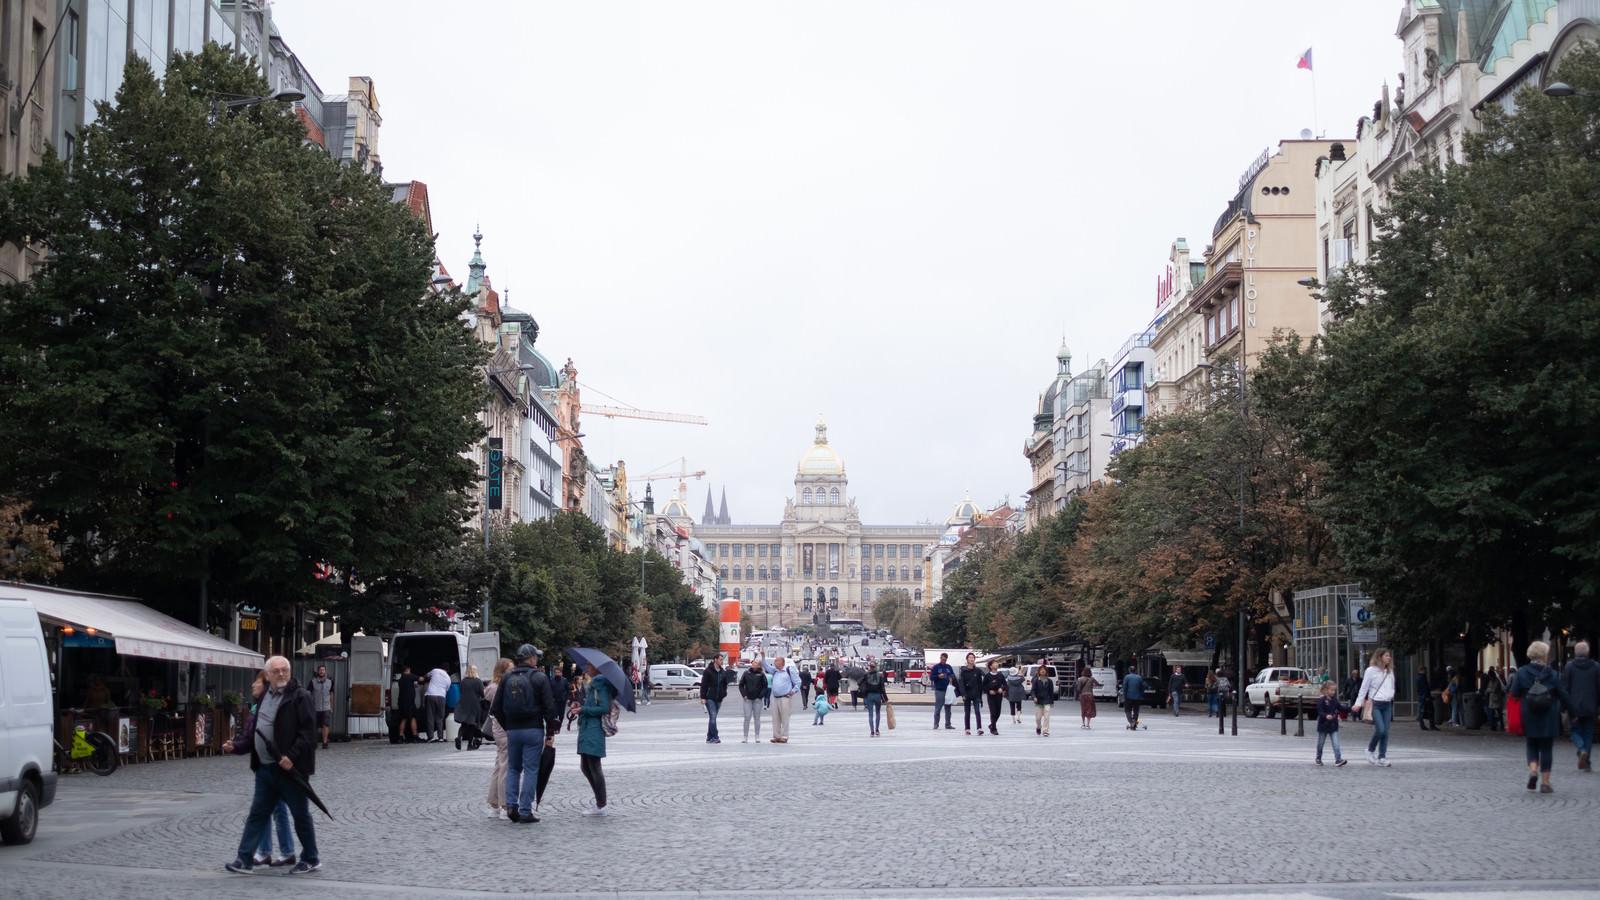 「プラハのシャンゼリゼ(ヴァーツラフ広場)」の写真